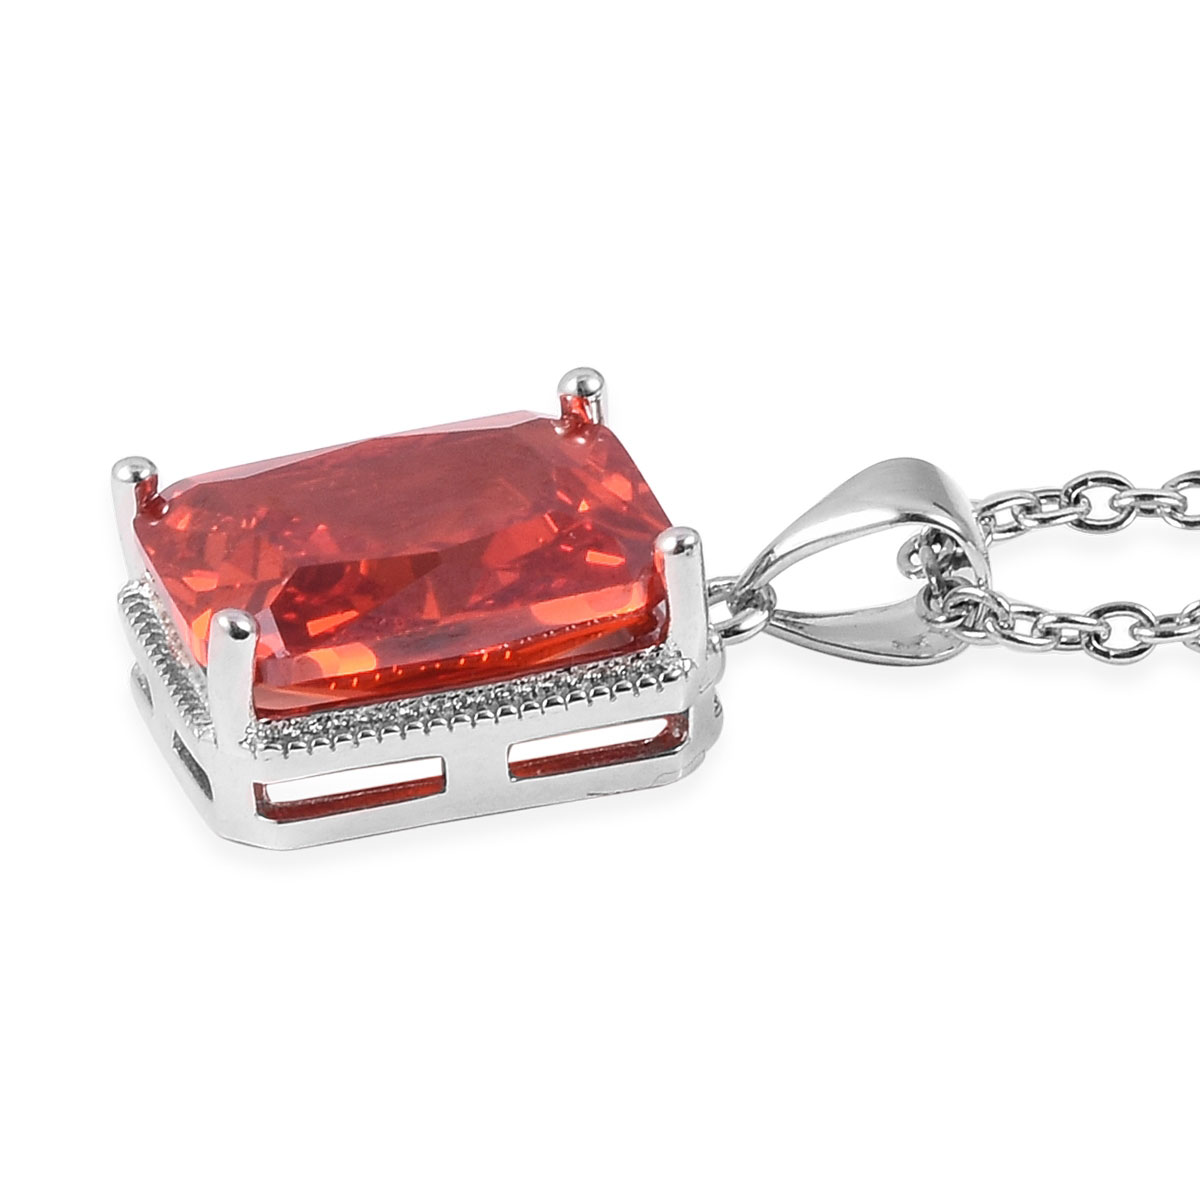 12-Color-Options-Cubic-Zirconia-Bracelet-Chain-Pendant-Necklace-Set-Adjustable thumbnail 58